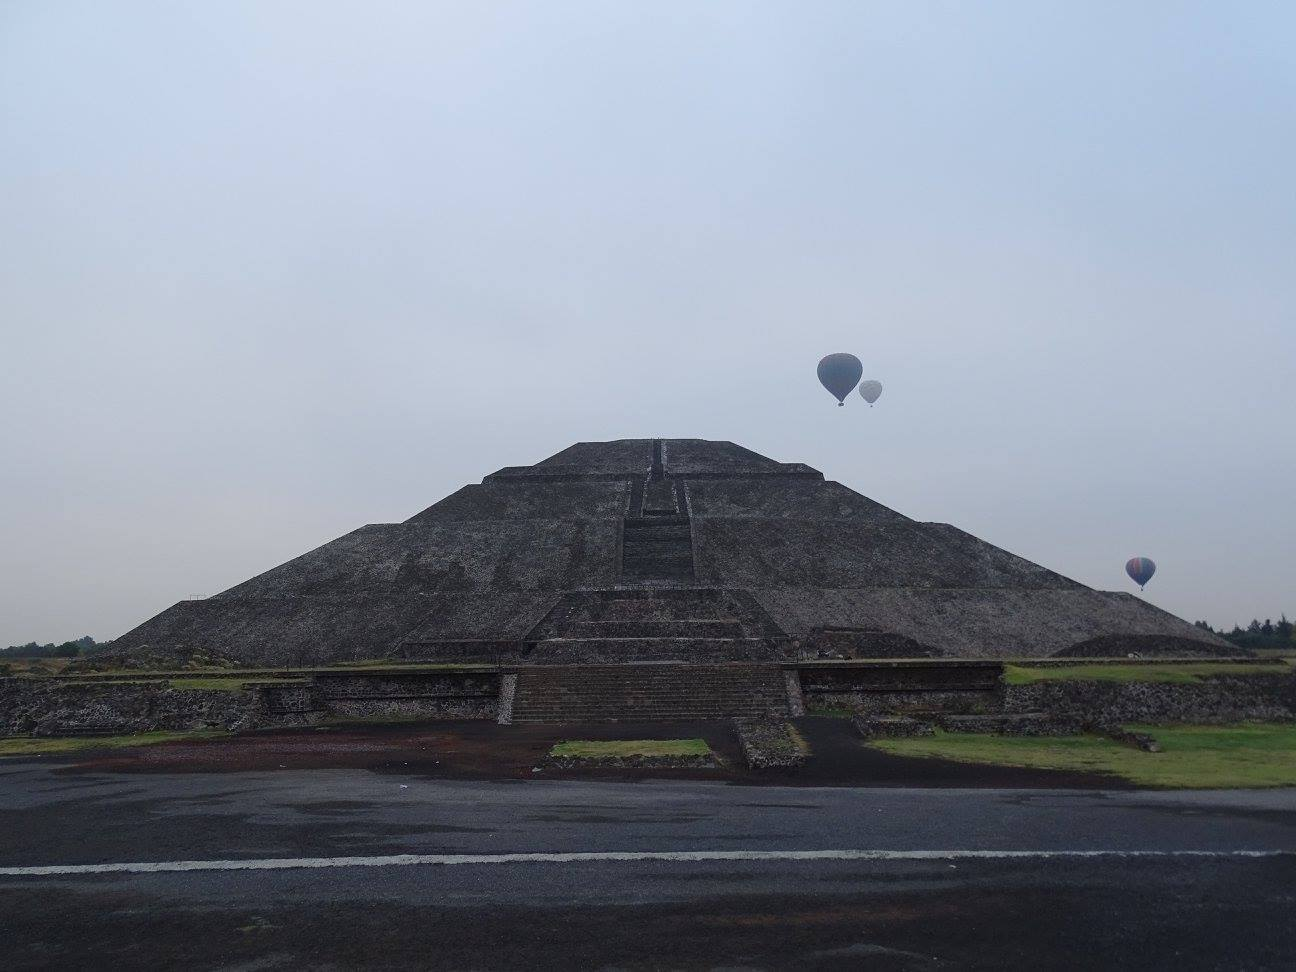 Mexique - Centre du pays (du 18/11/15 au 01/01/16)